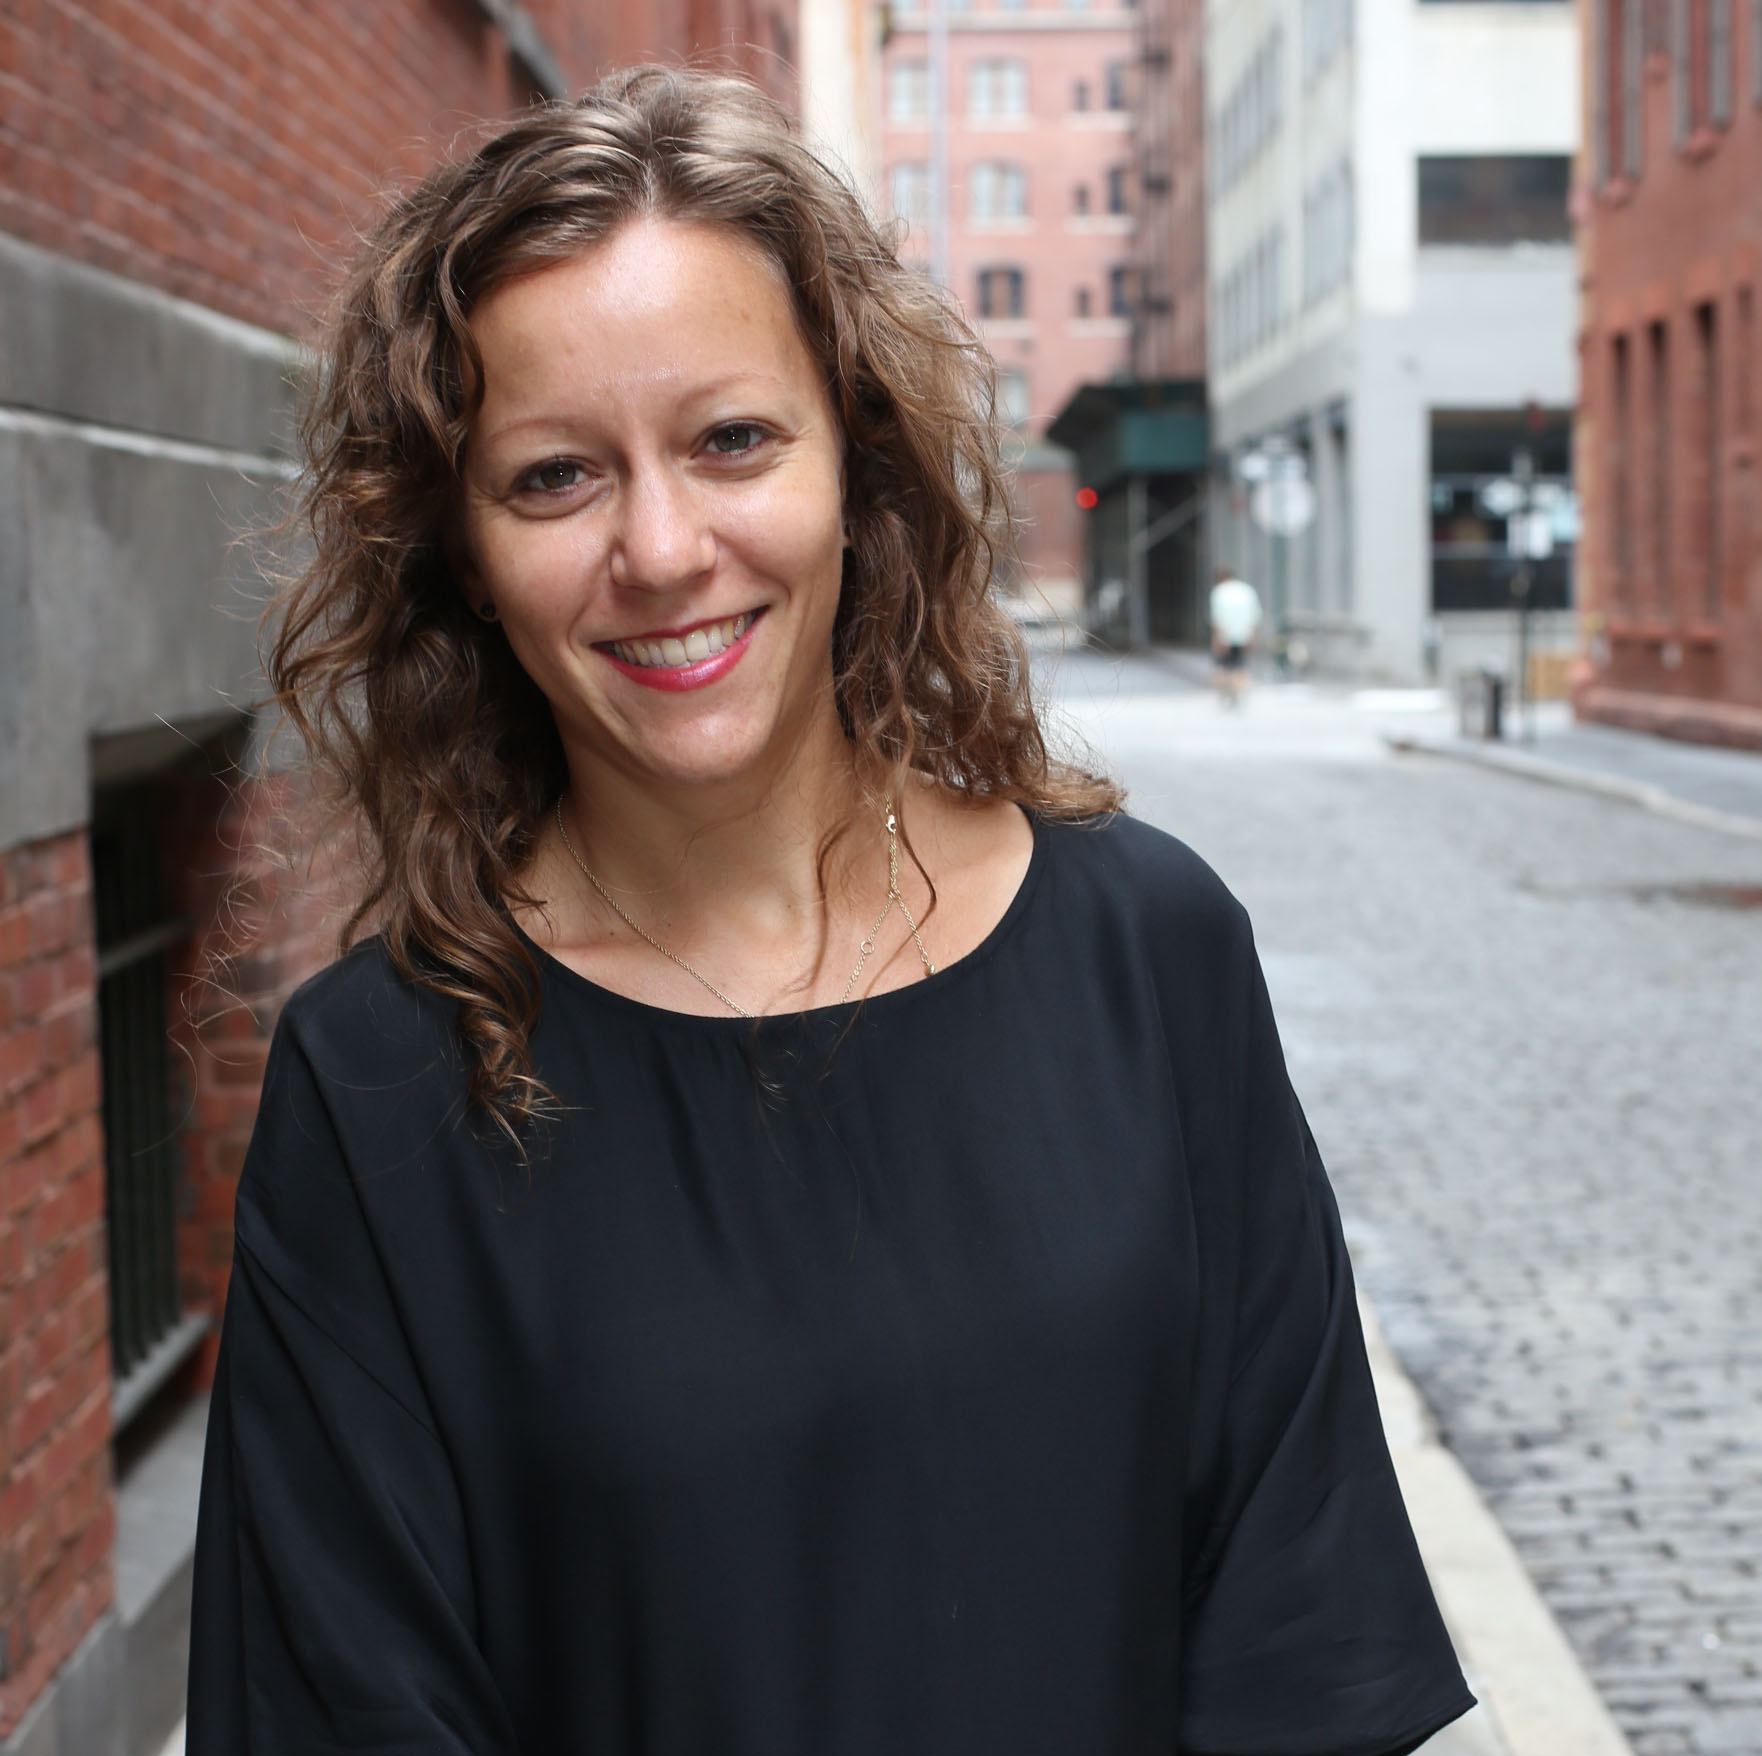 Sara Roffino